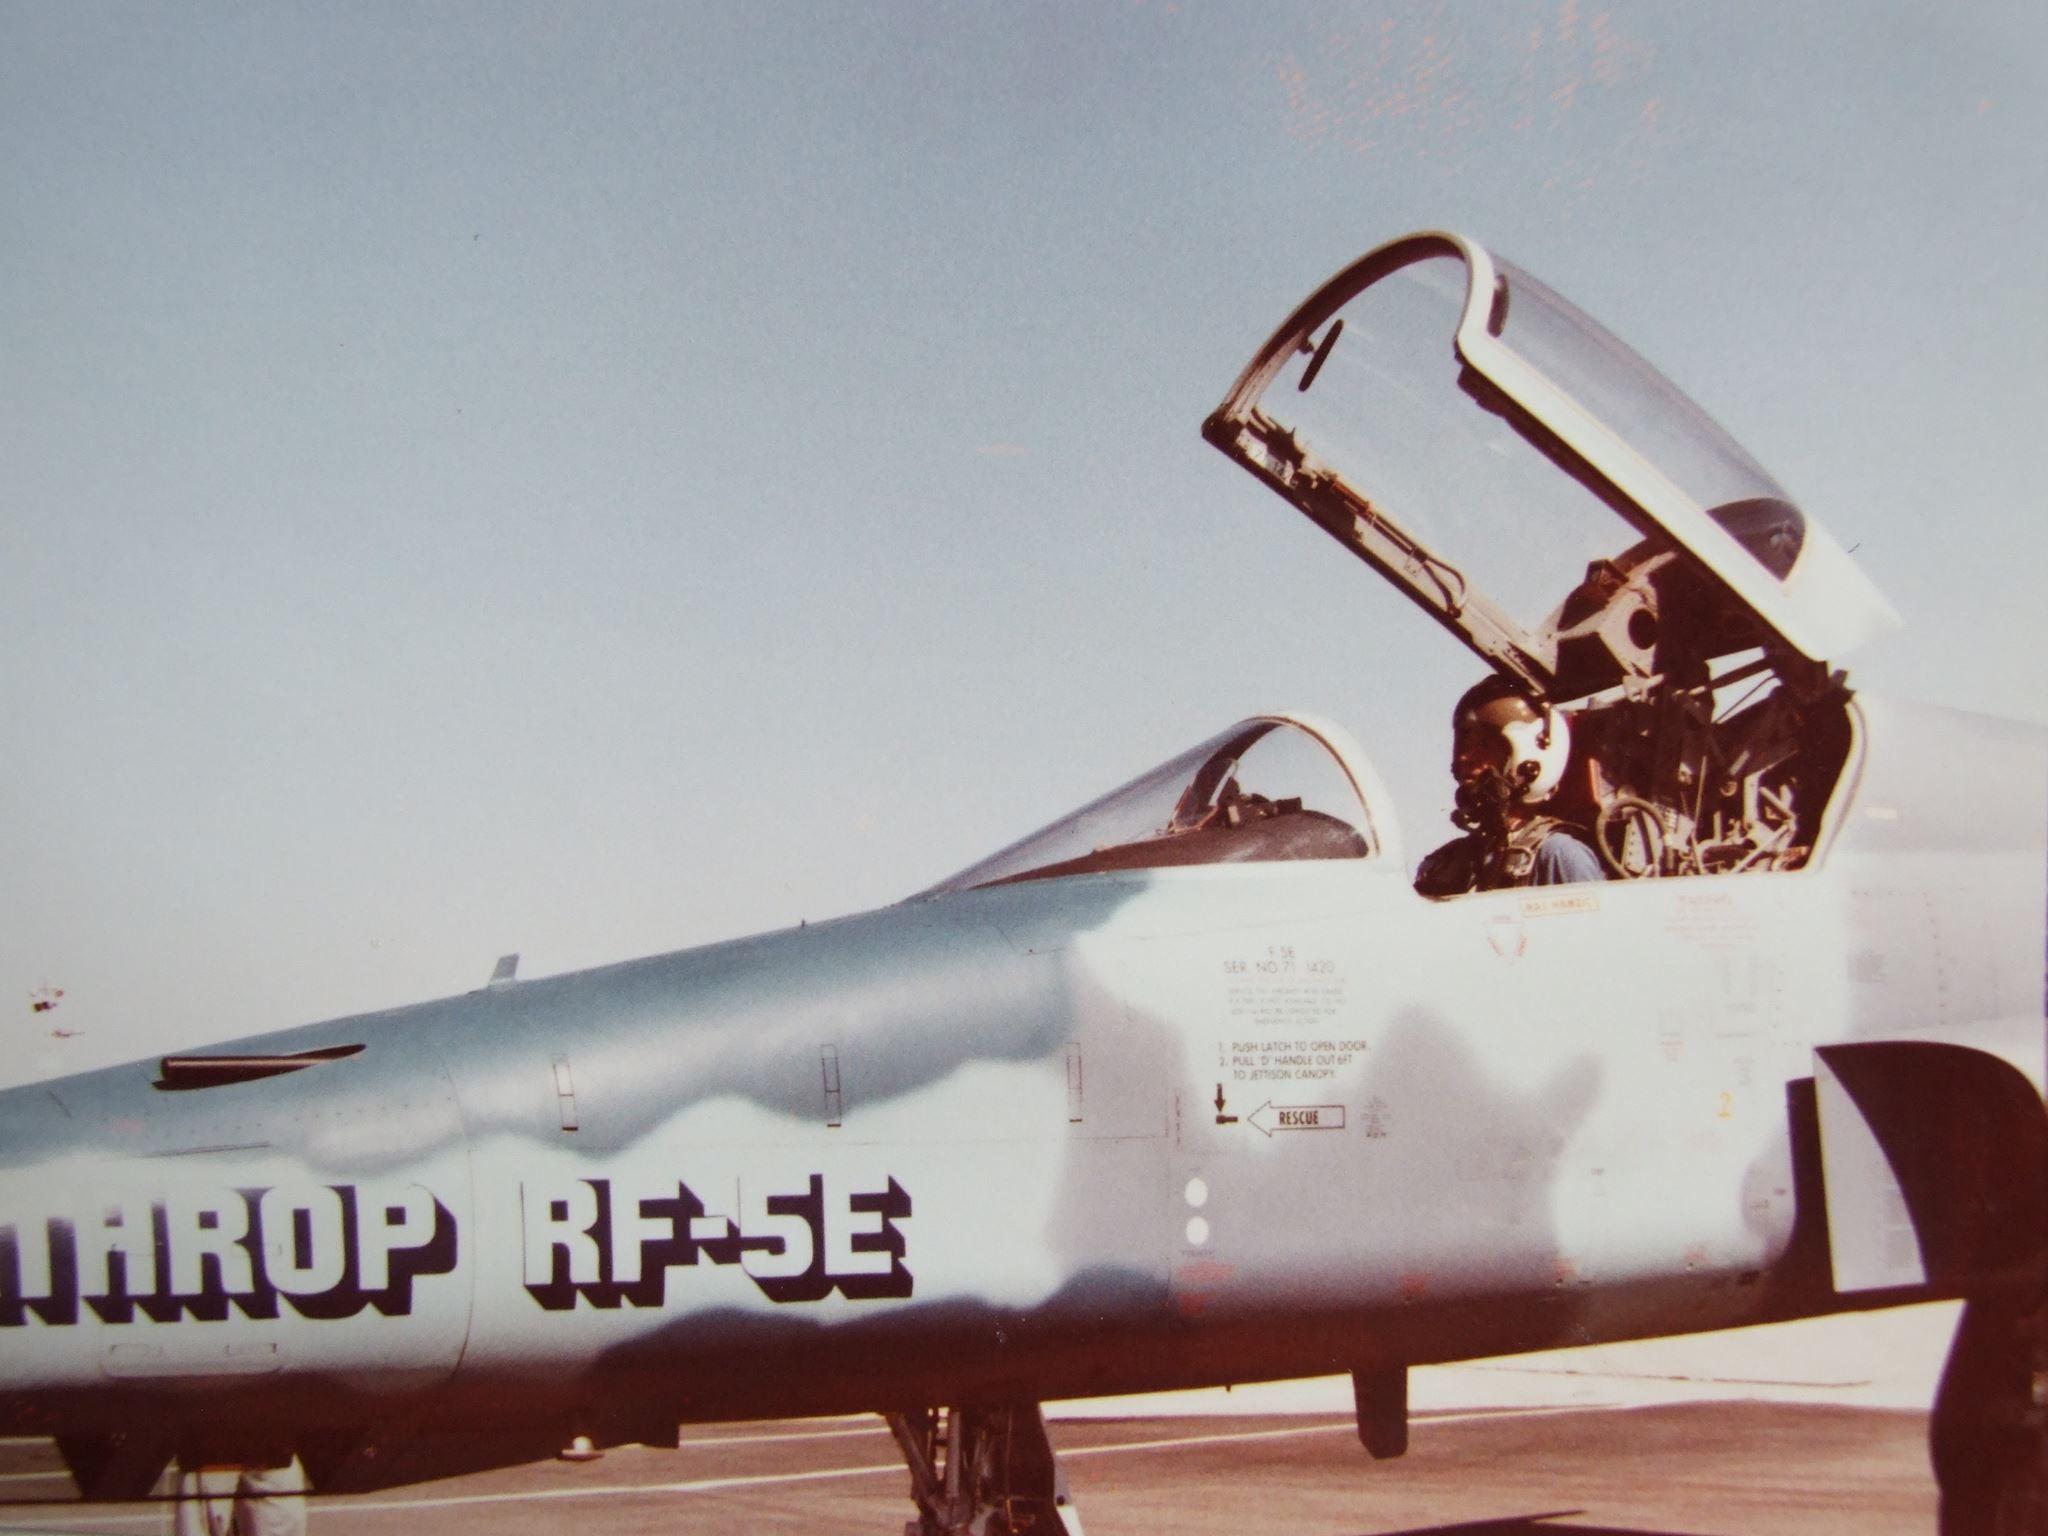 ISPITIVANJE PROTOTIPA AVIONA RF–5E U SAD 1980. GODINE 00d7f872f216271726ced753705154eb1c8fe6fa